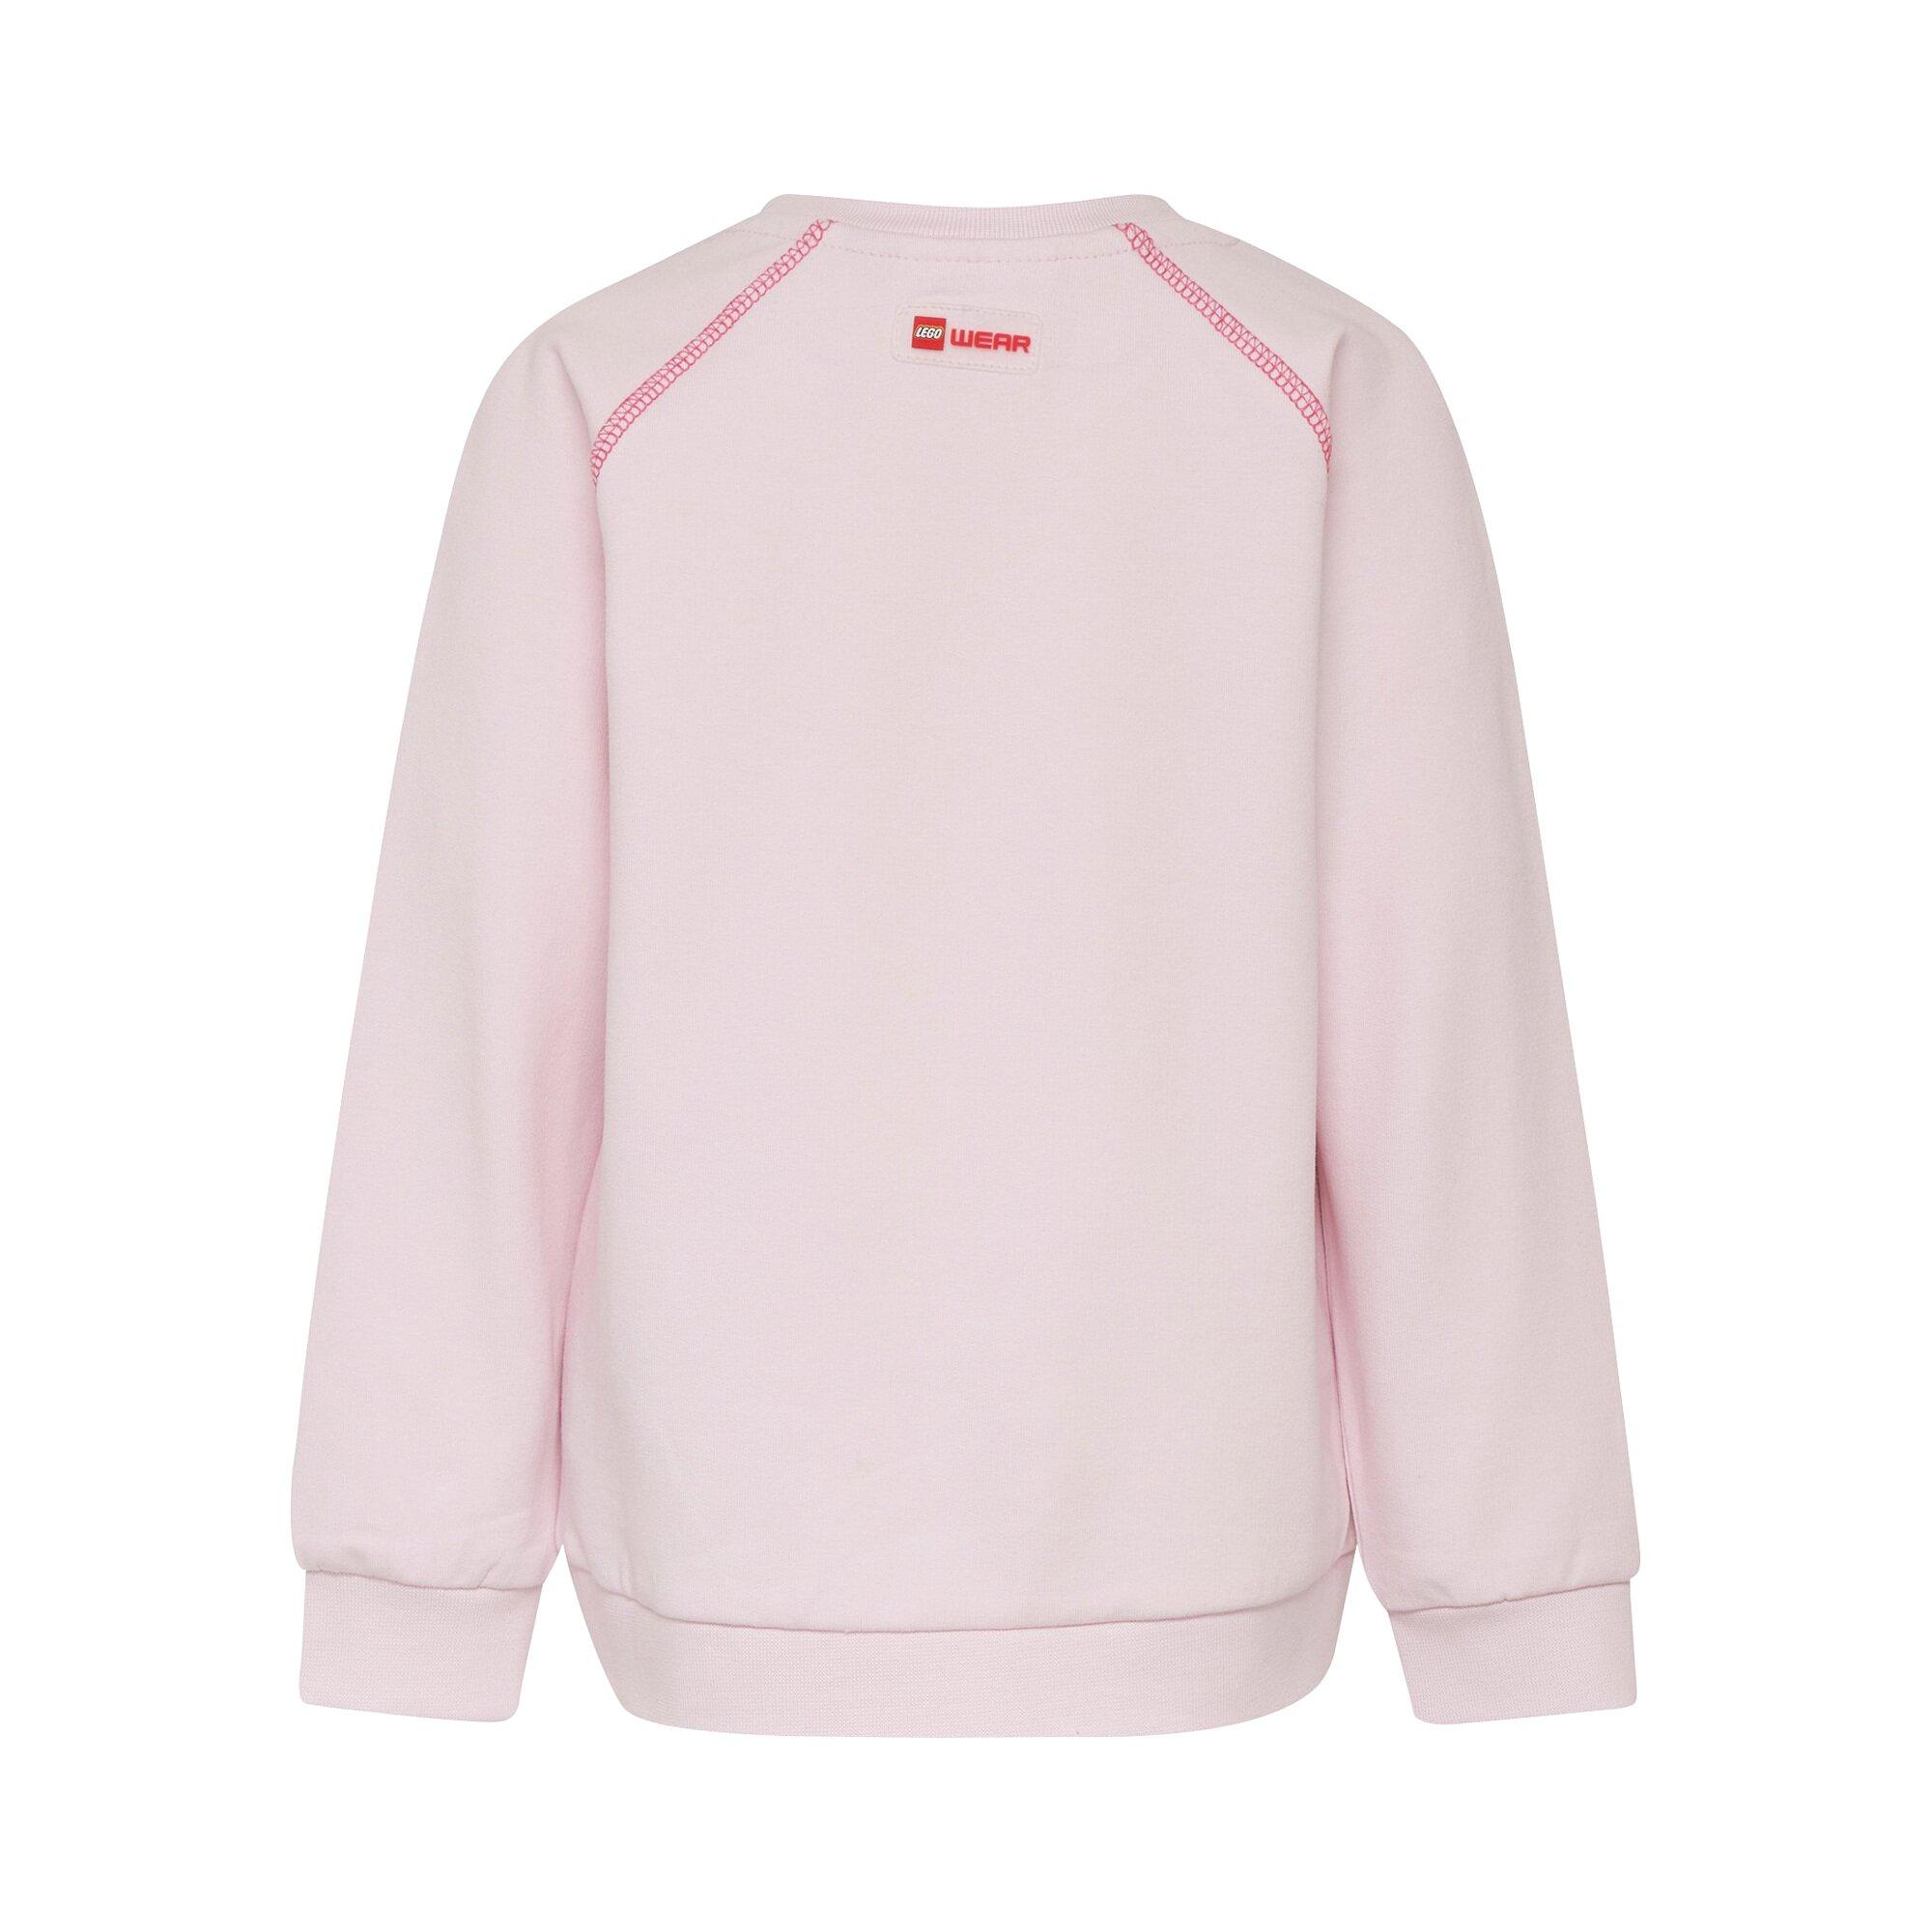 lego-wear-sweatshirt-sophia-duplolove